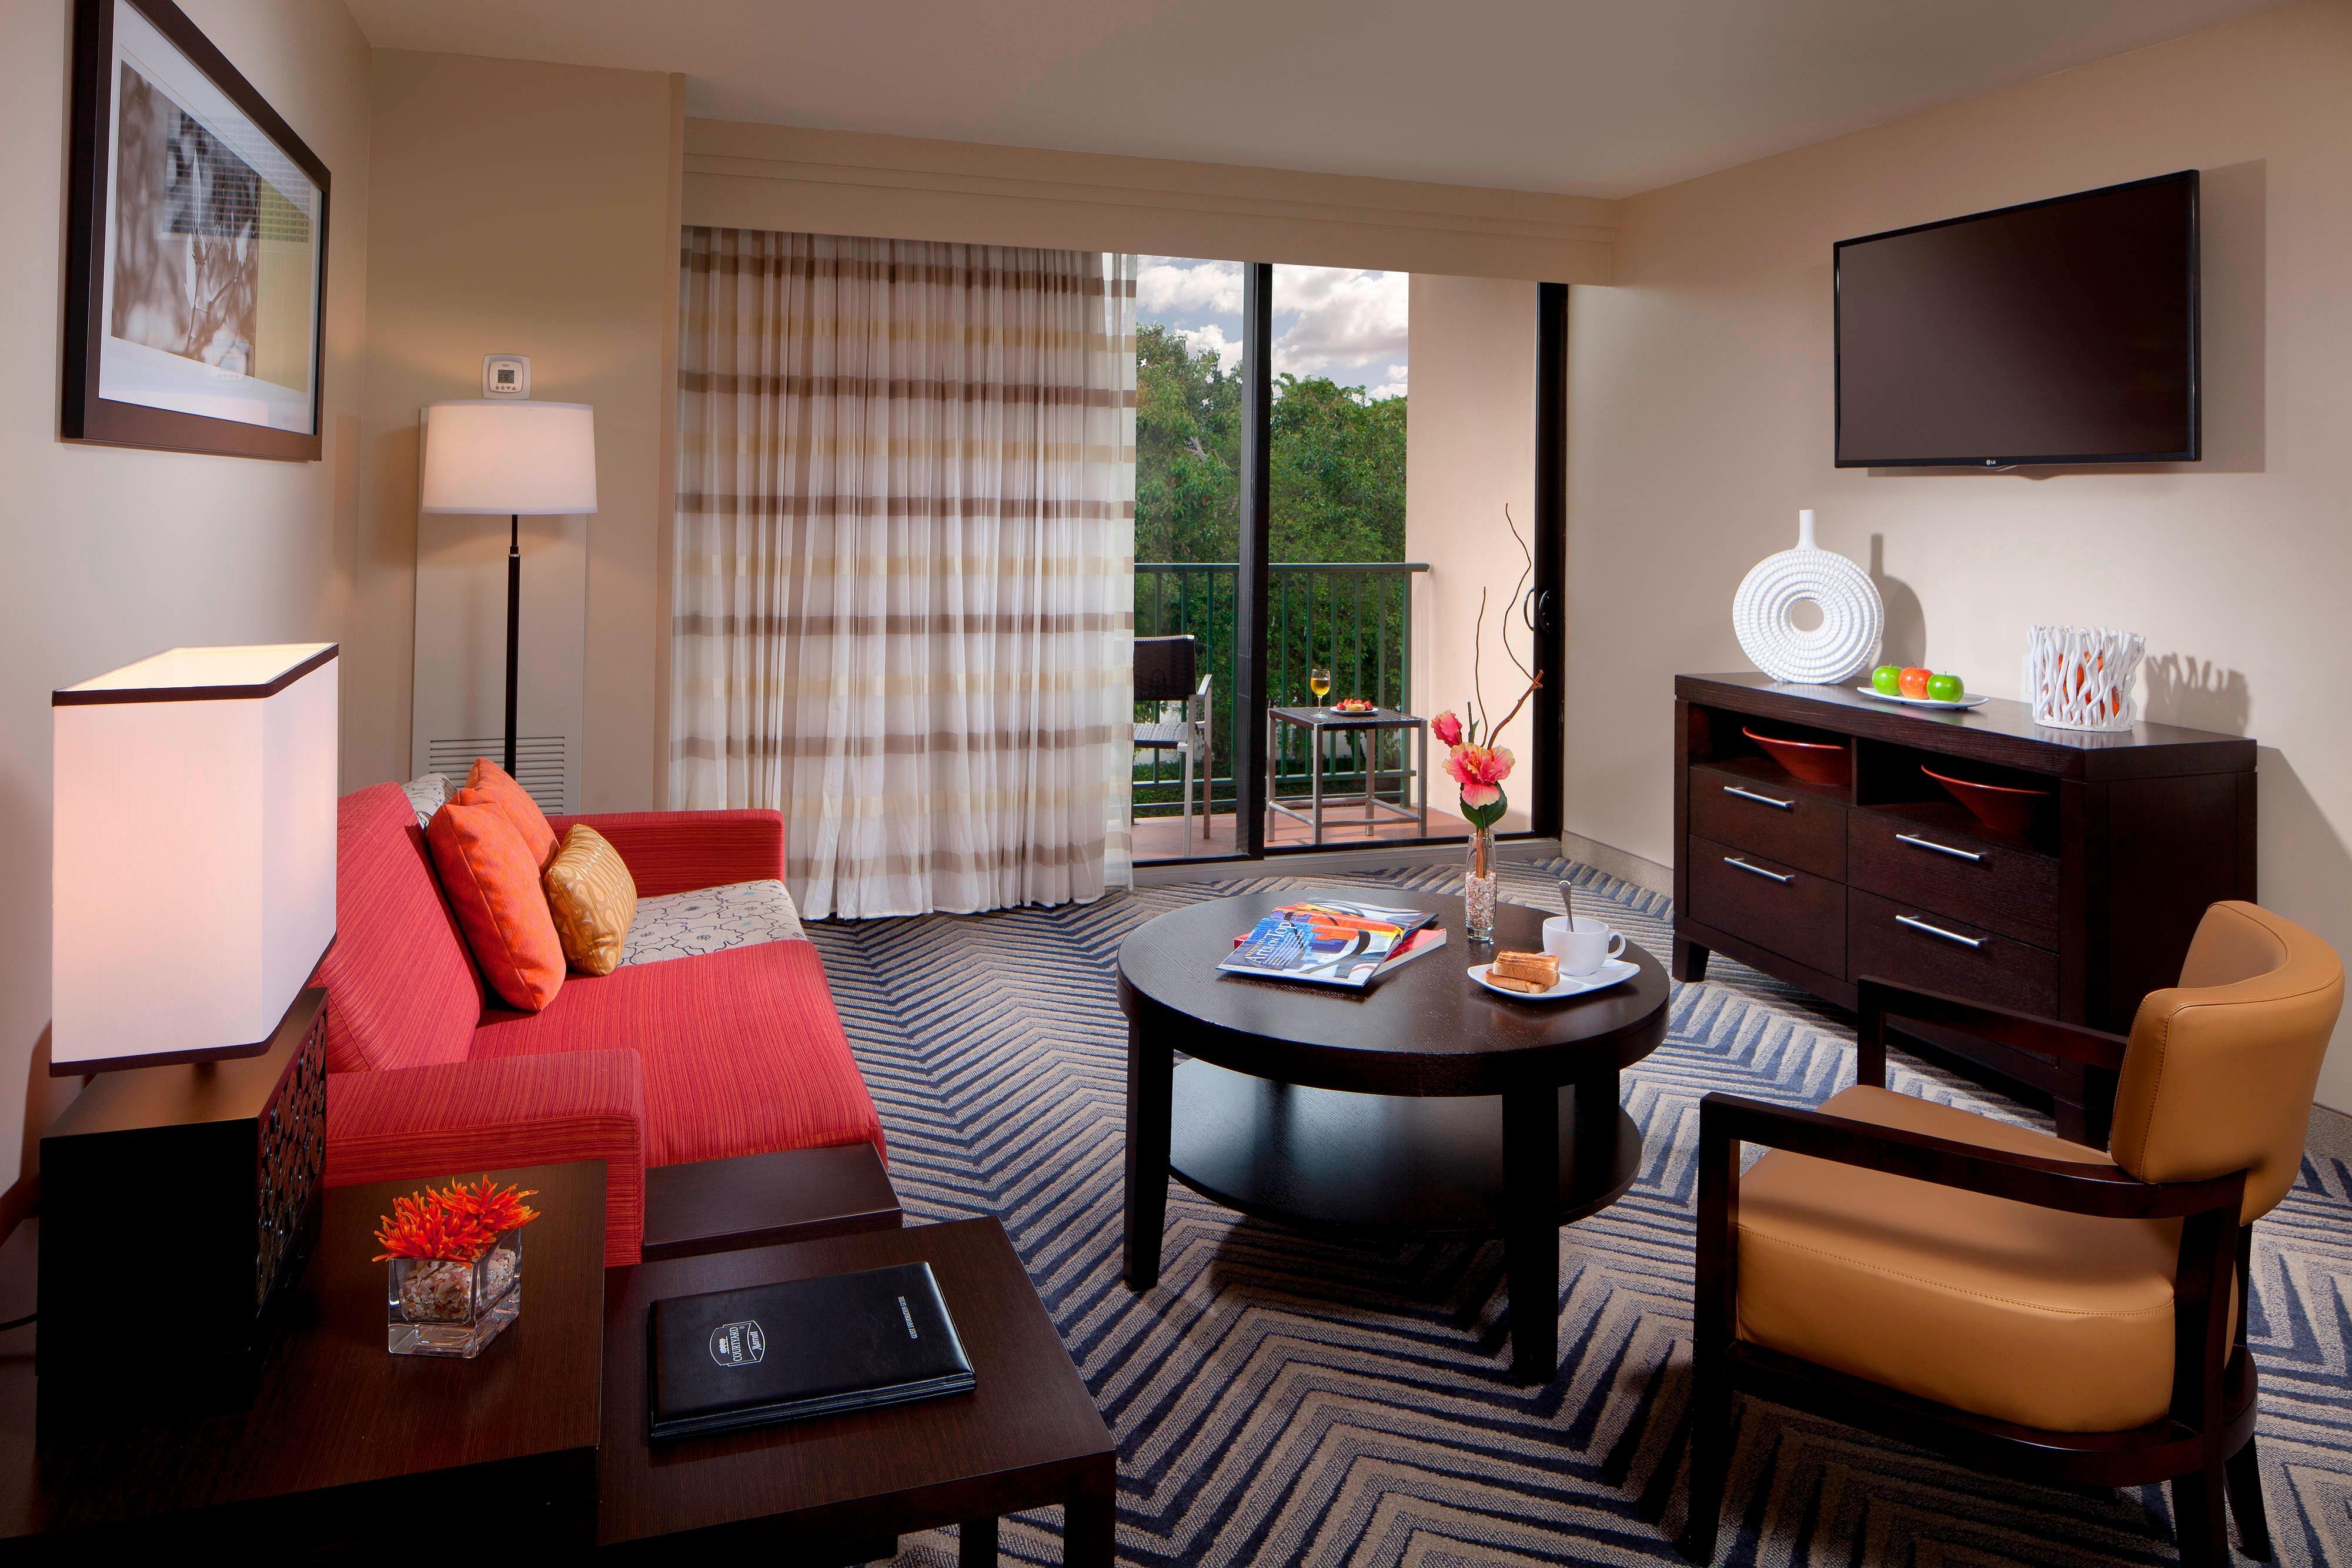 Suite de l'hôtel Courtyard Fort Lauderdale East